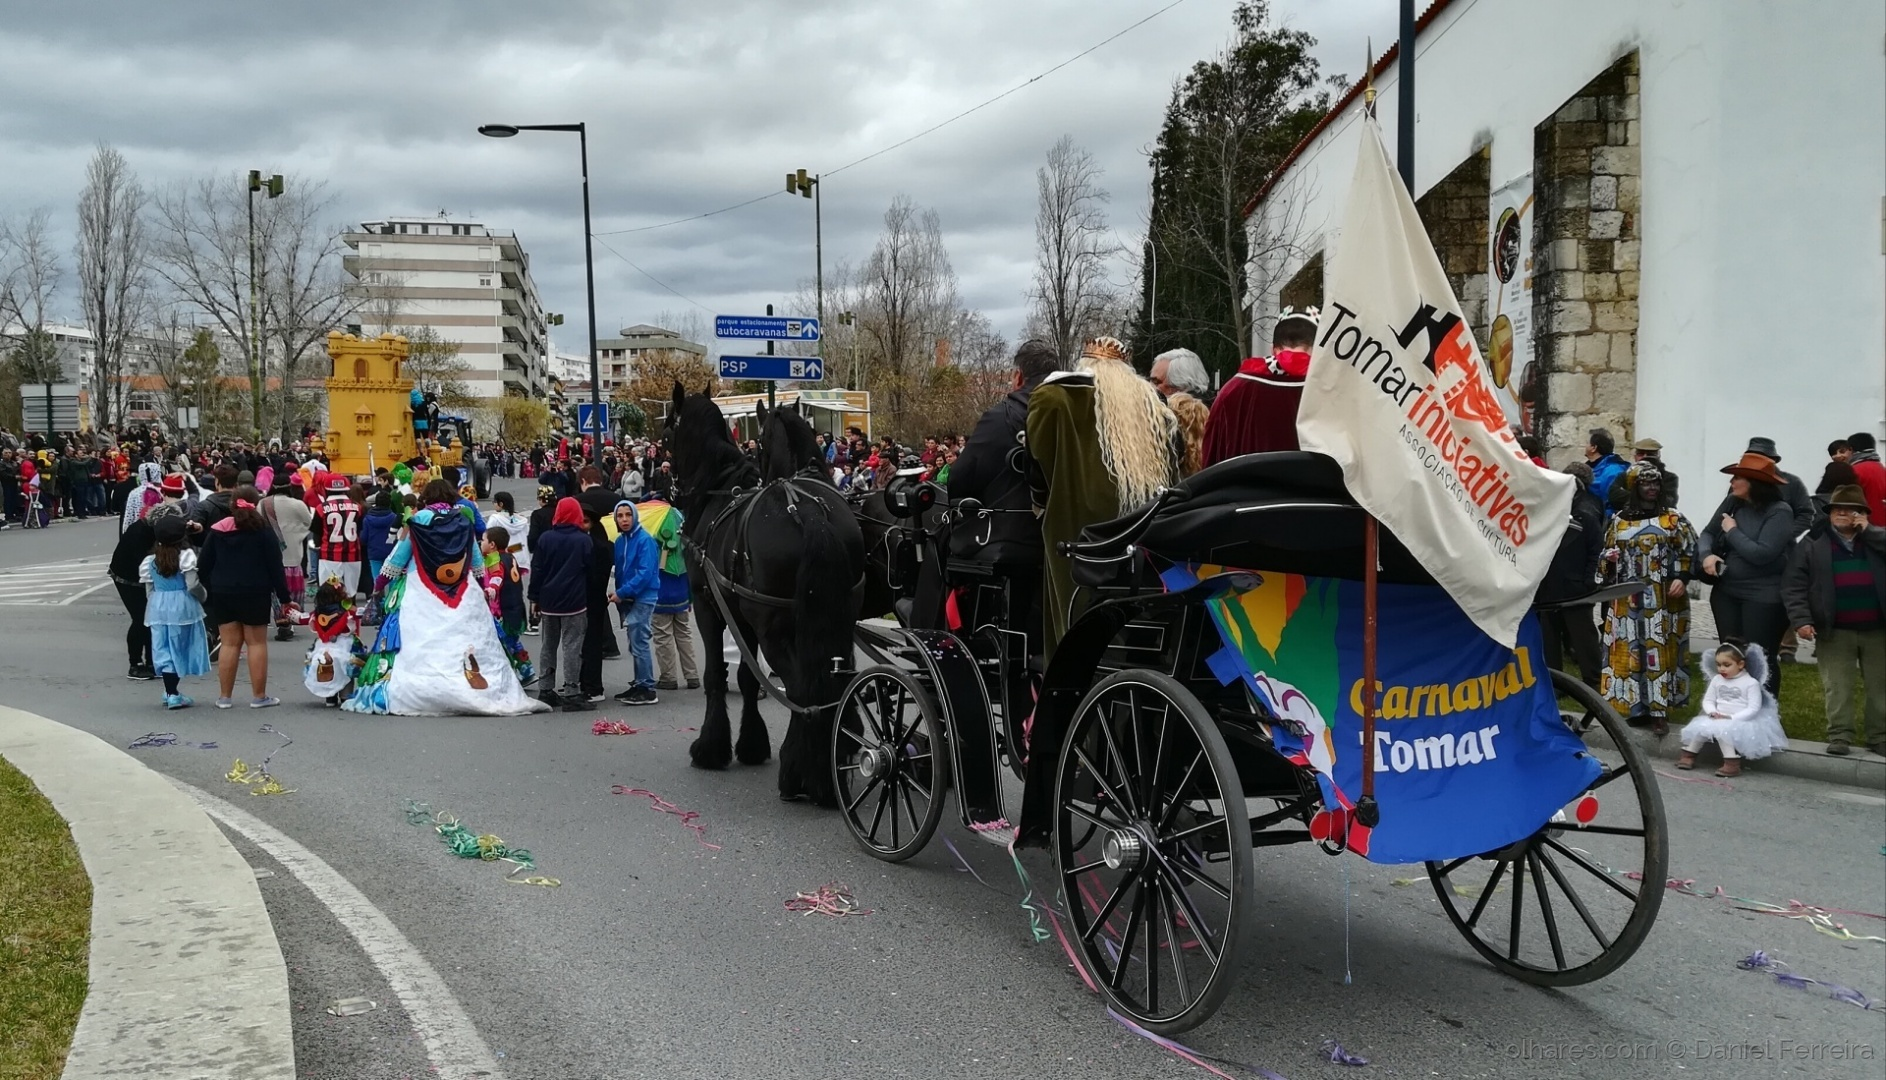 Espetáculos/Carnaval de Tomar